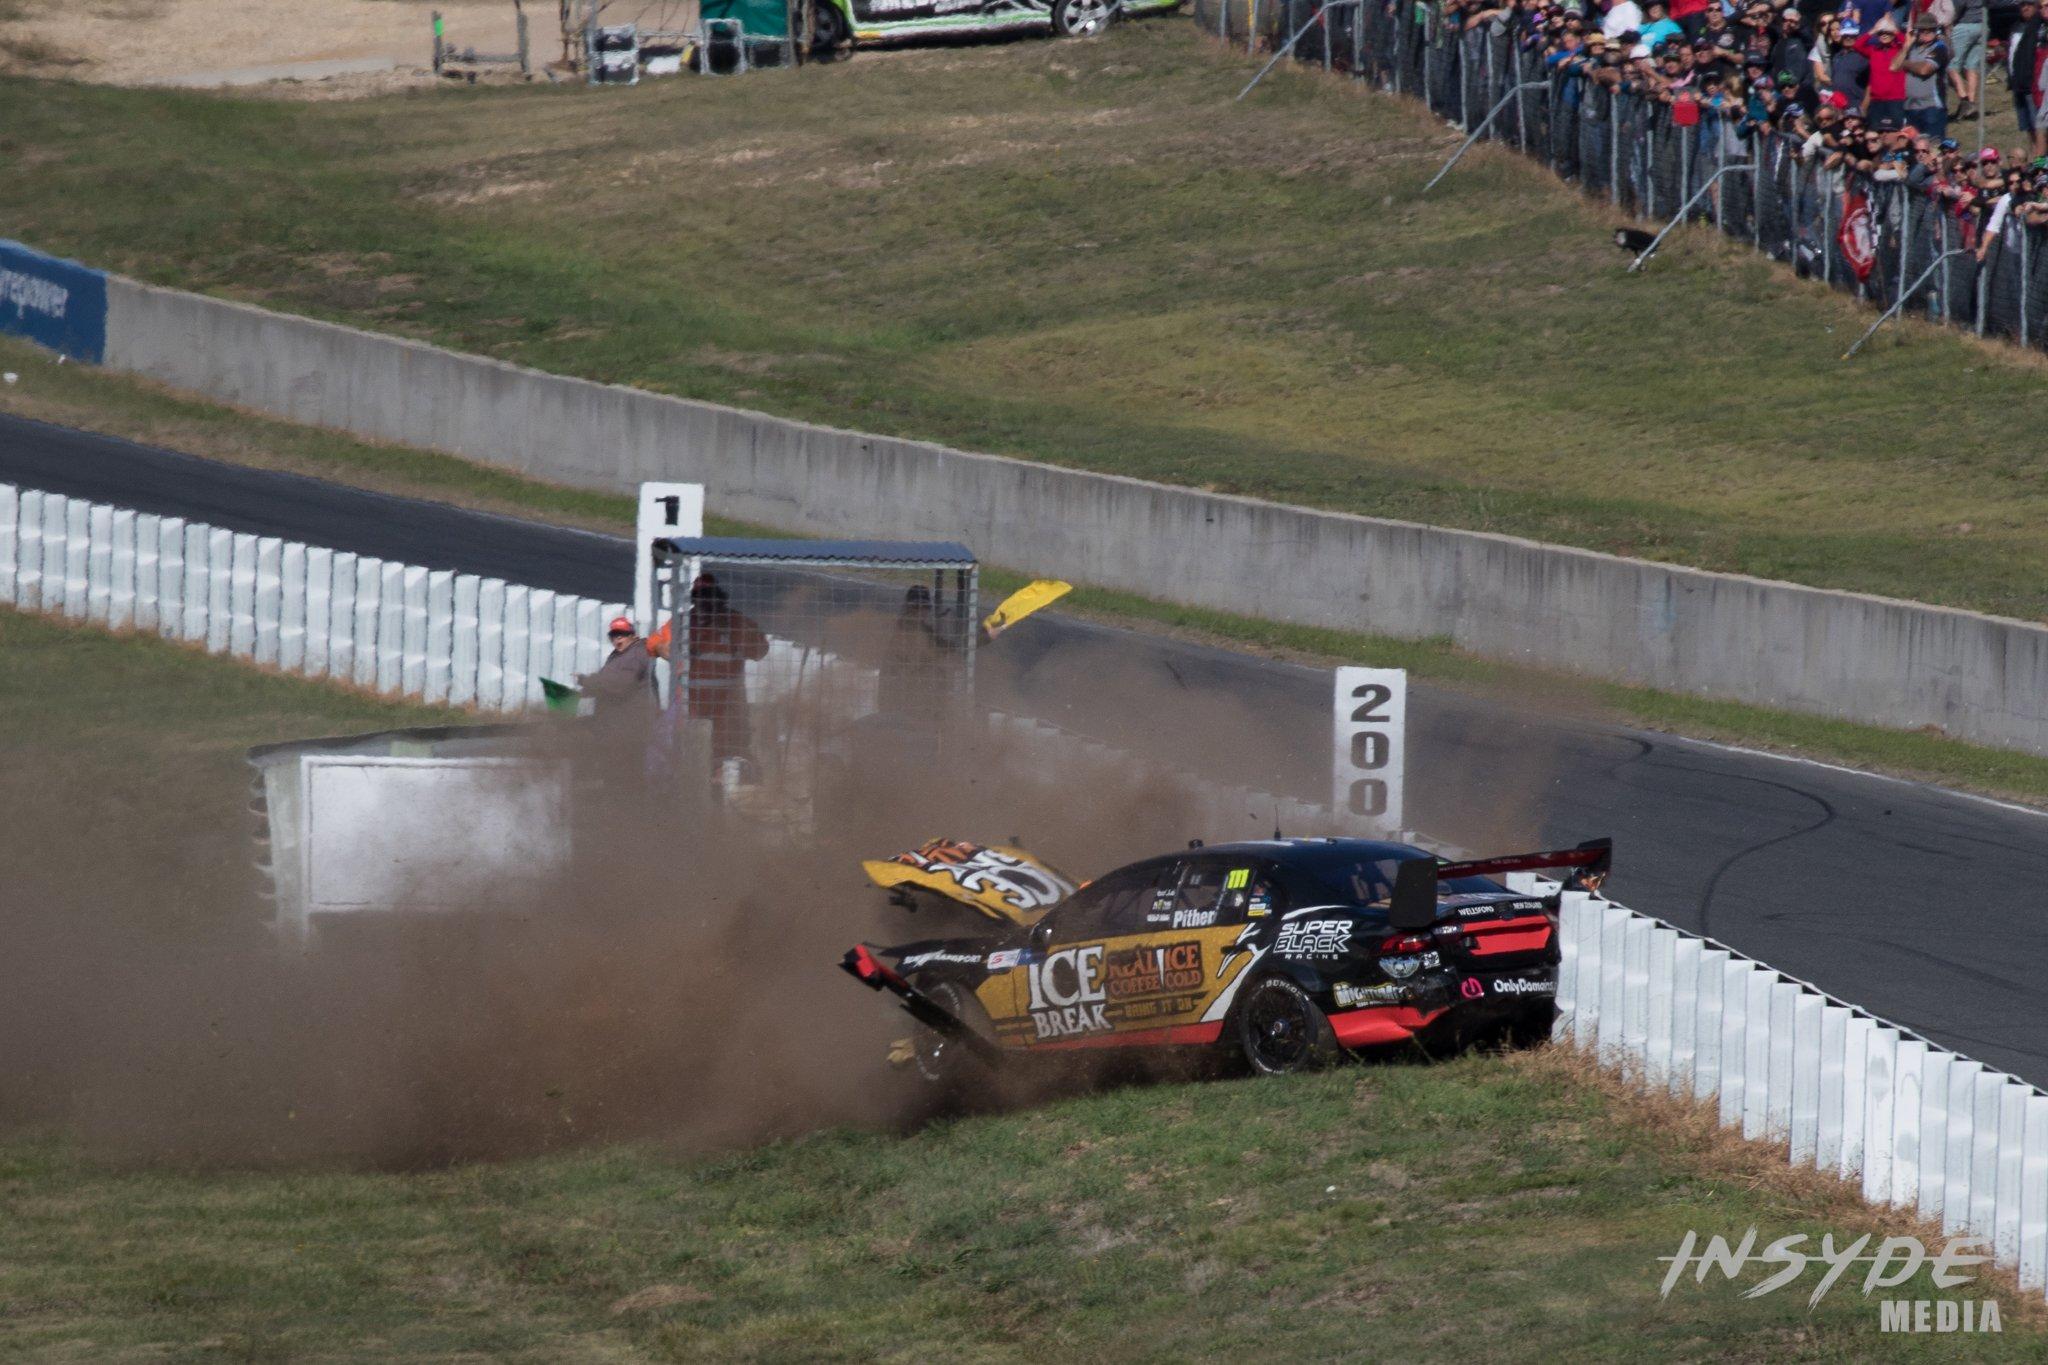 Motorsport-VASC-InSydeMedia-014